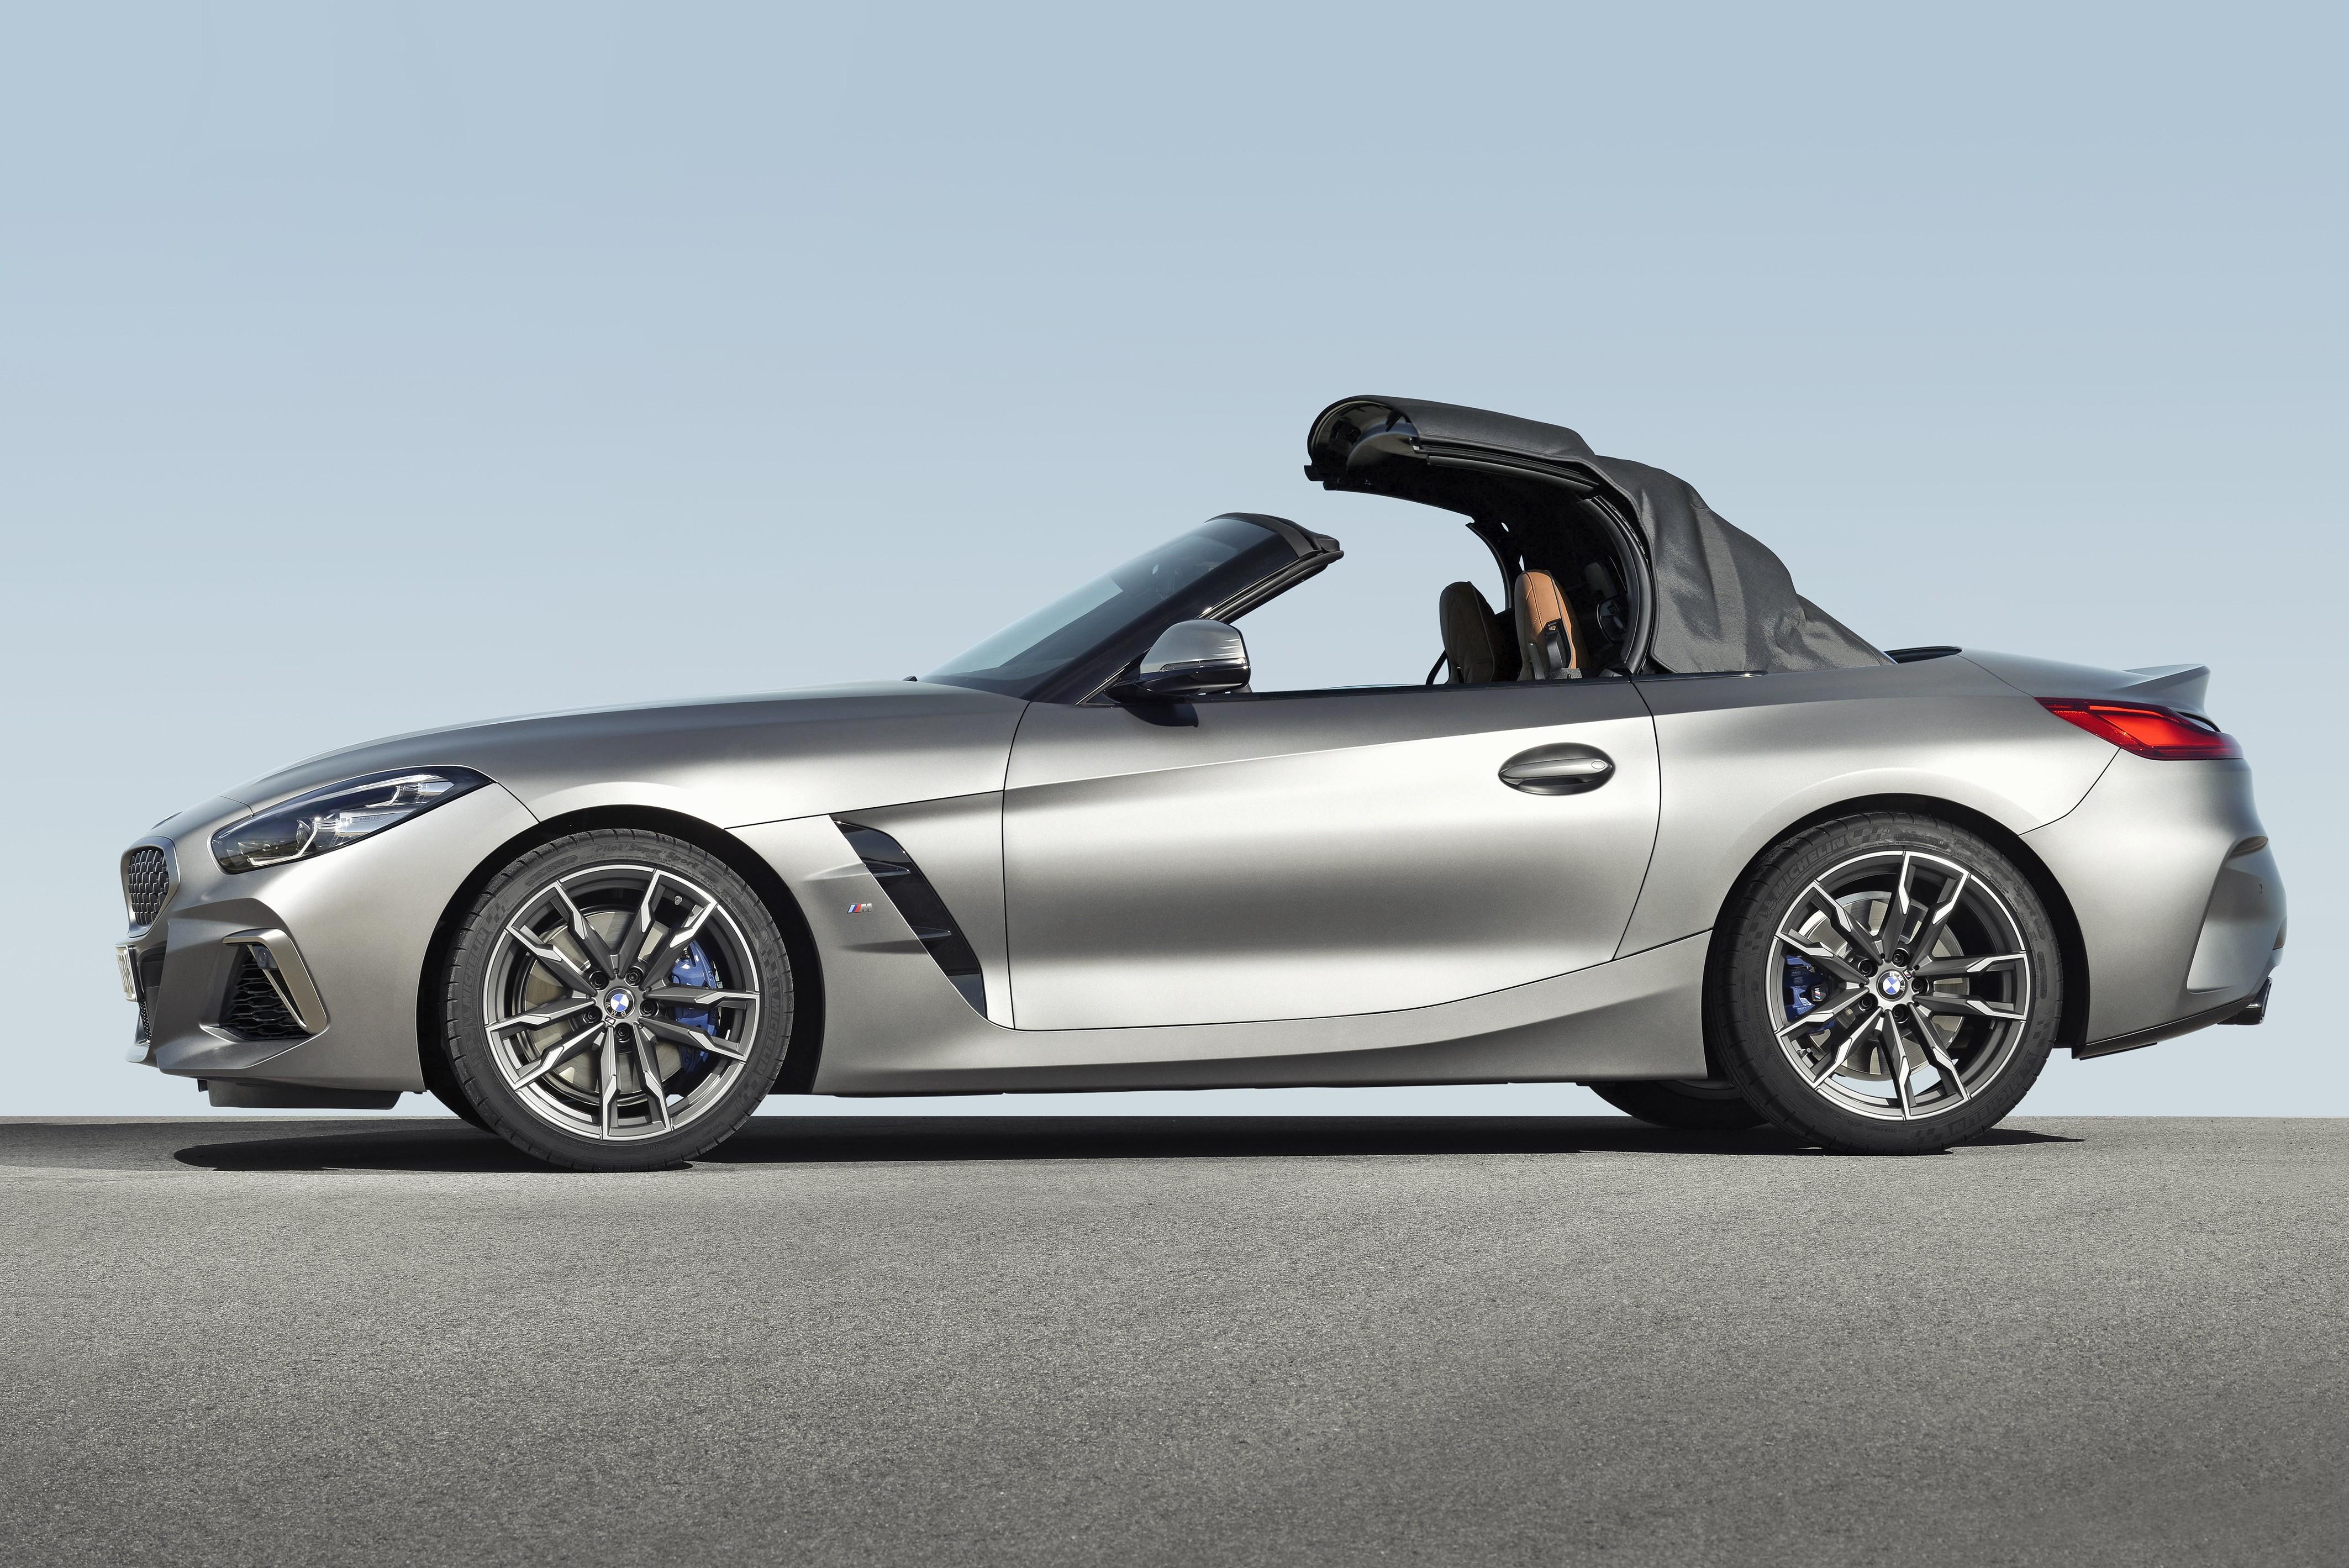 2020 BMW Z4 Roadster Specs